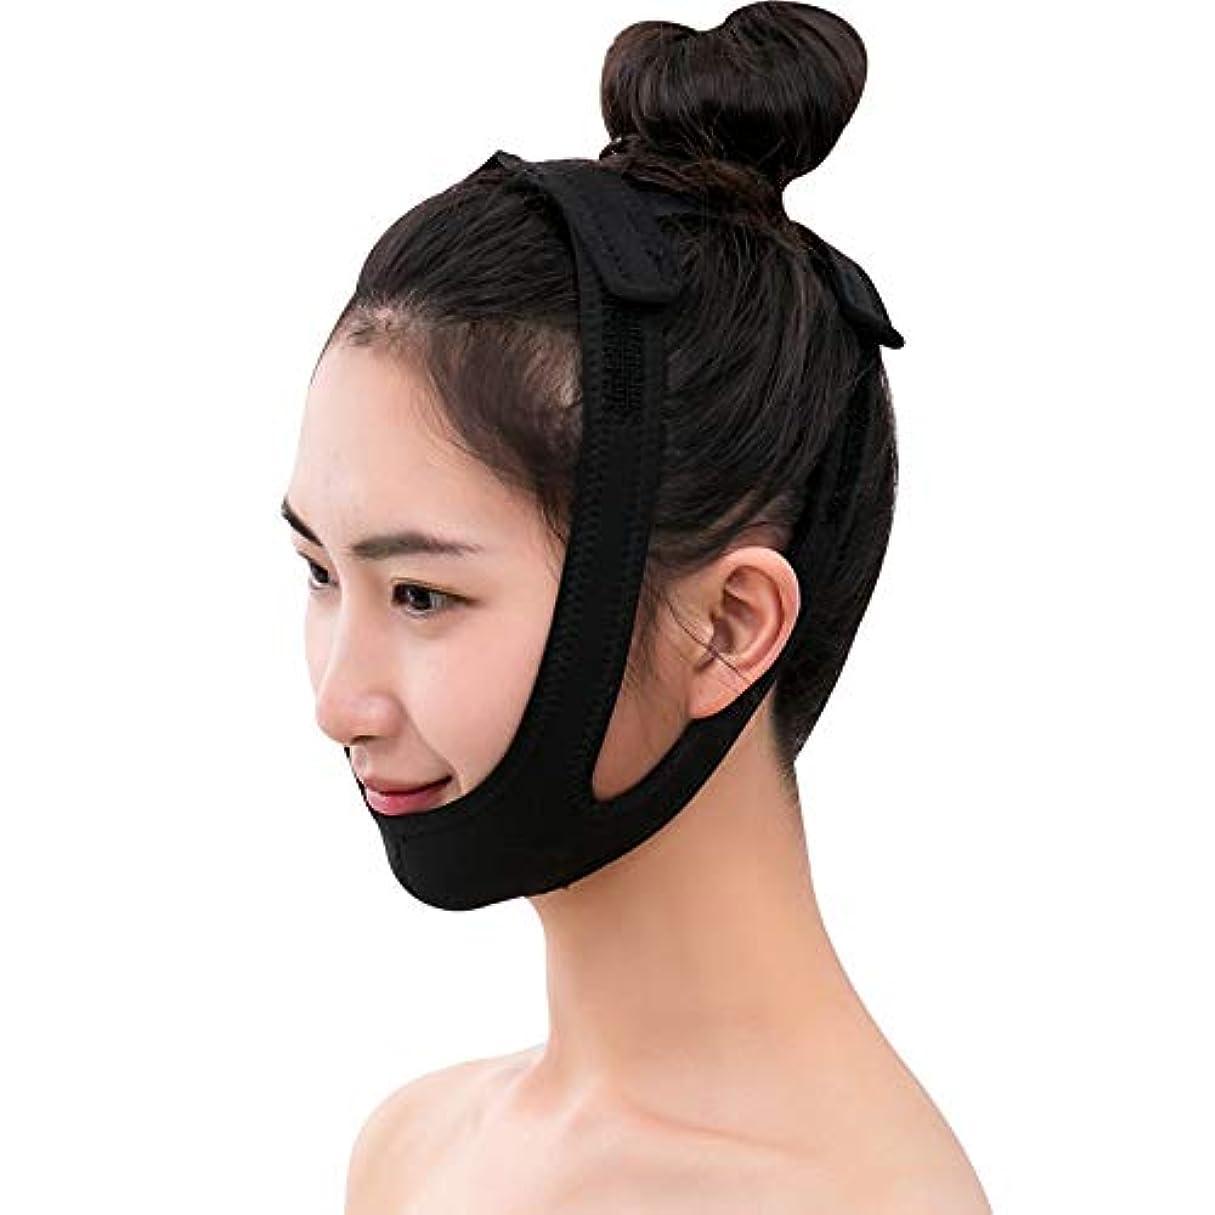 健全四回モードGYZ フェイシャルリフティング痩身ベルト圧縮二重あご減量ベルトスキンケア薄い顔包帯二重あごワークアウト Thin Face Belt